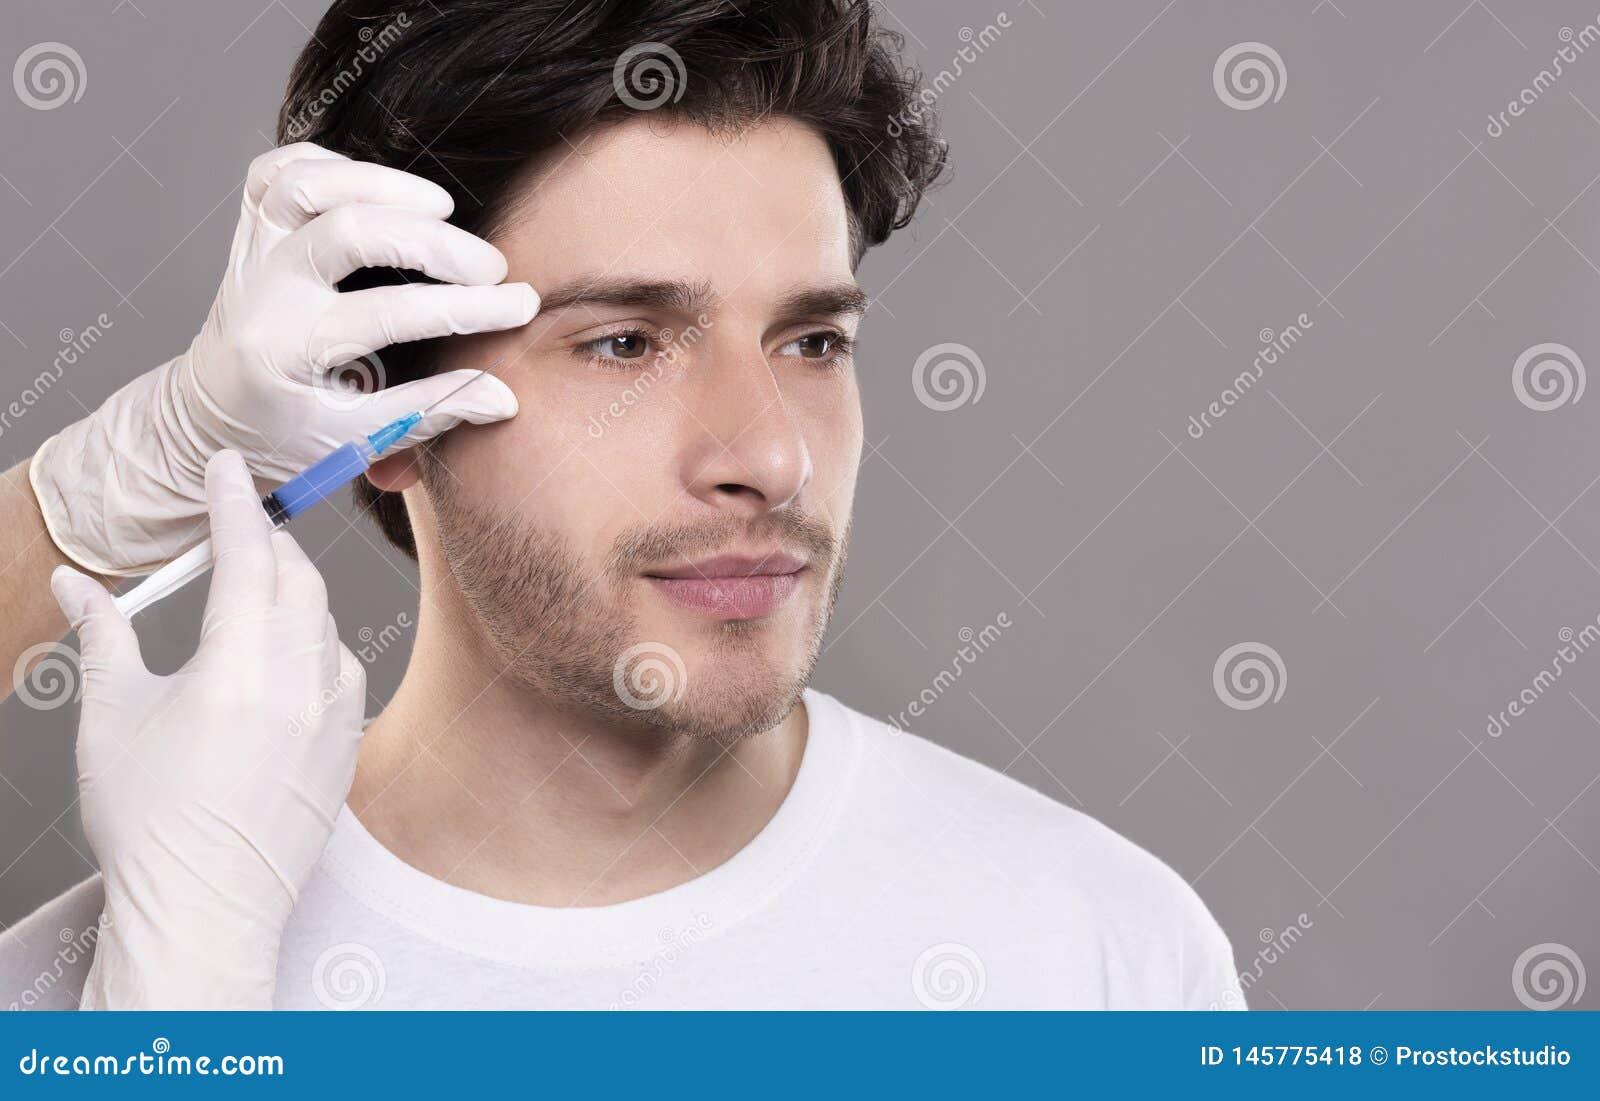 Individuo milenario que consigue el relleno de la cirugía de arrugas faciales